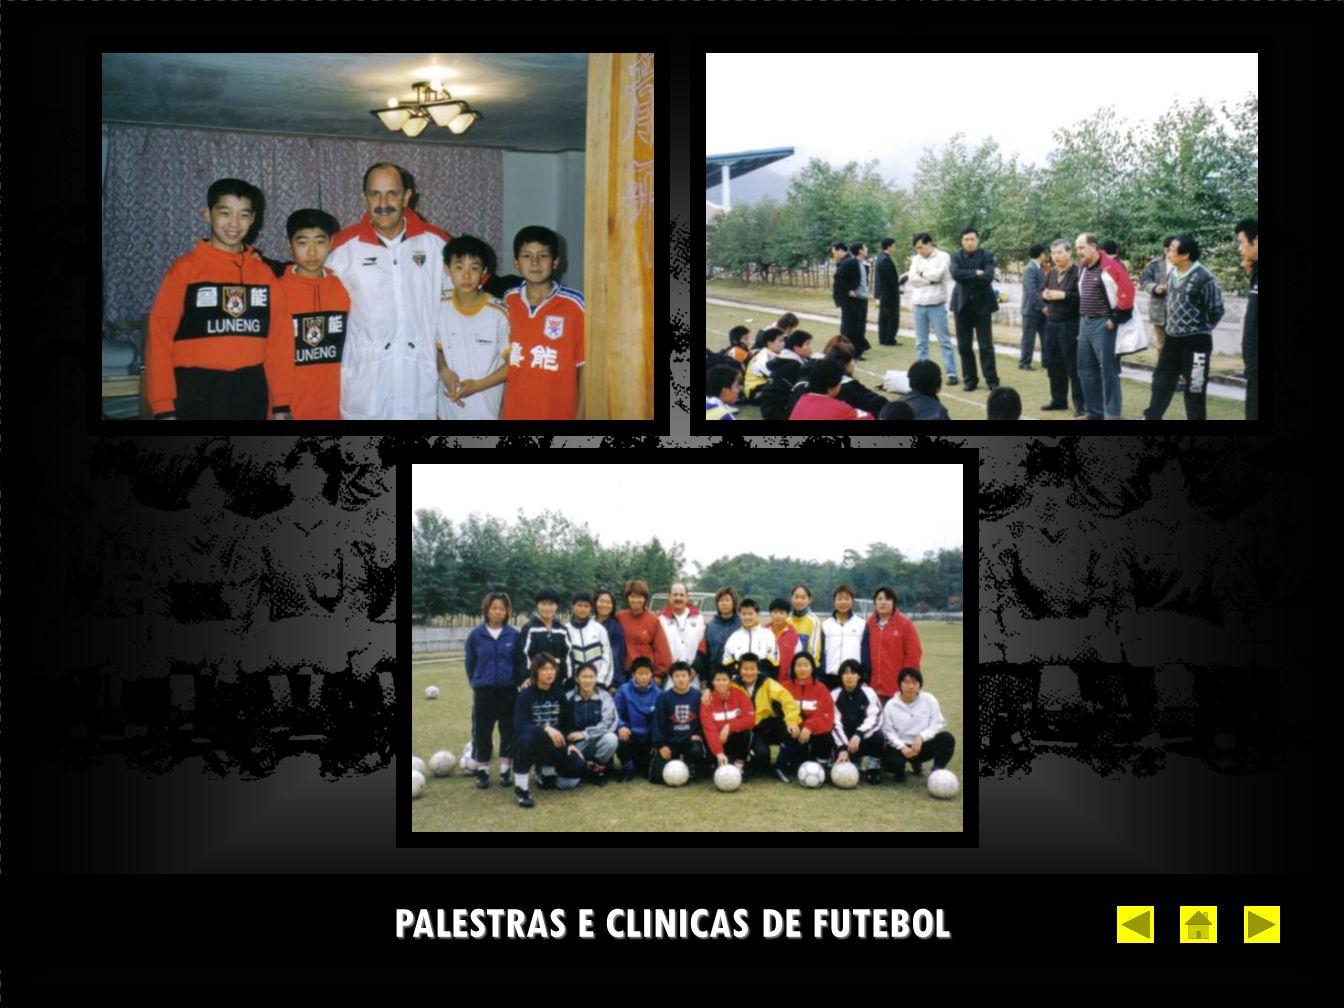 PALESTRAS E CLINICAS DE FUTEBOL